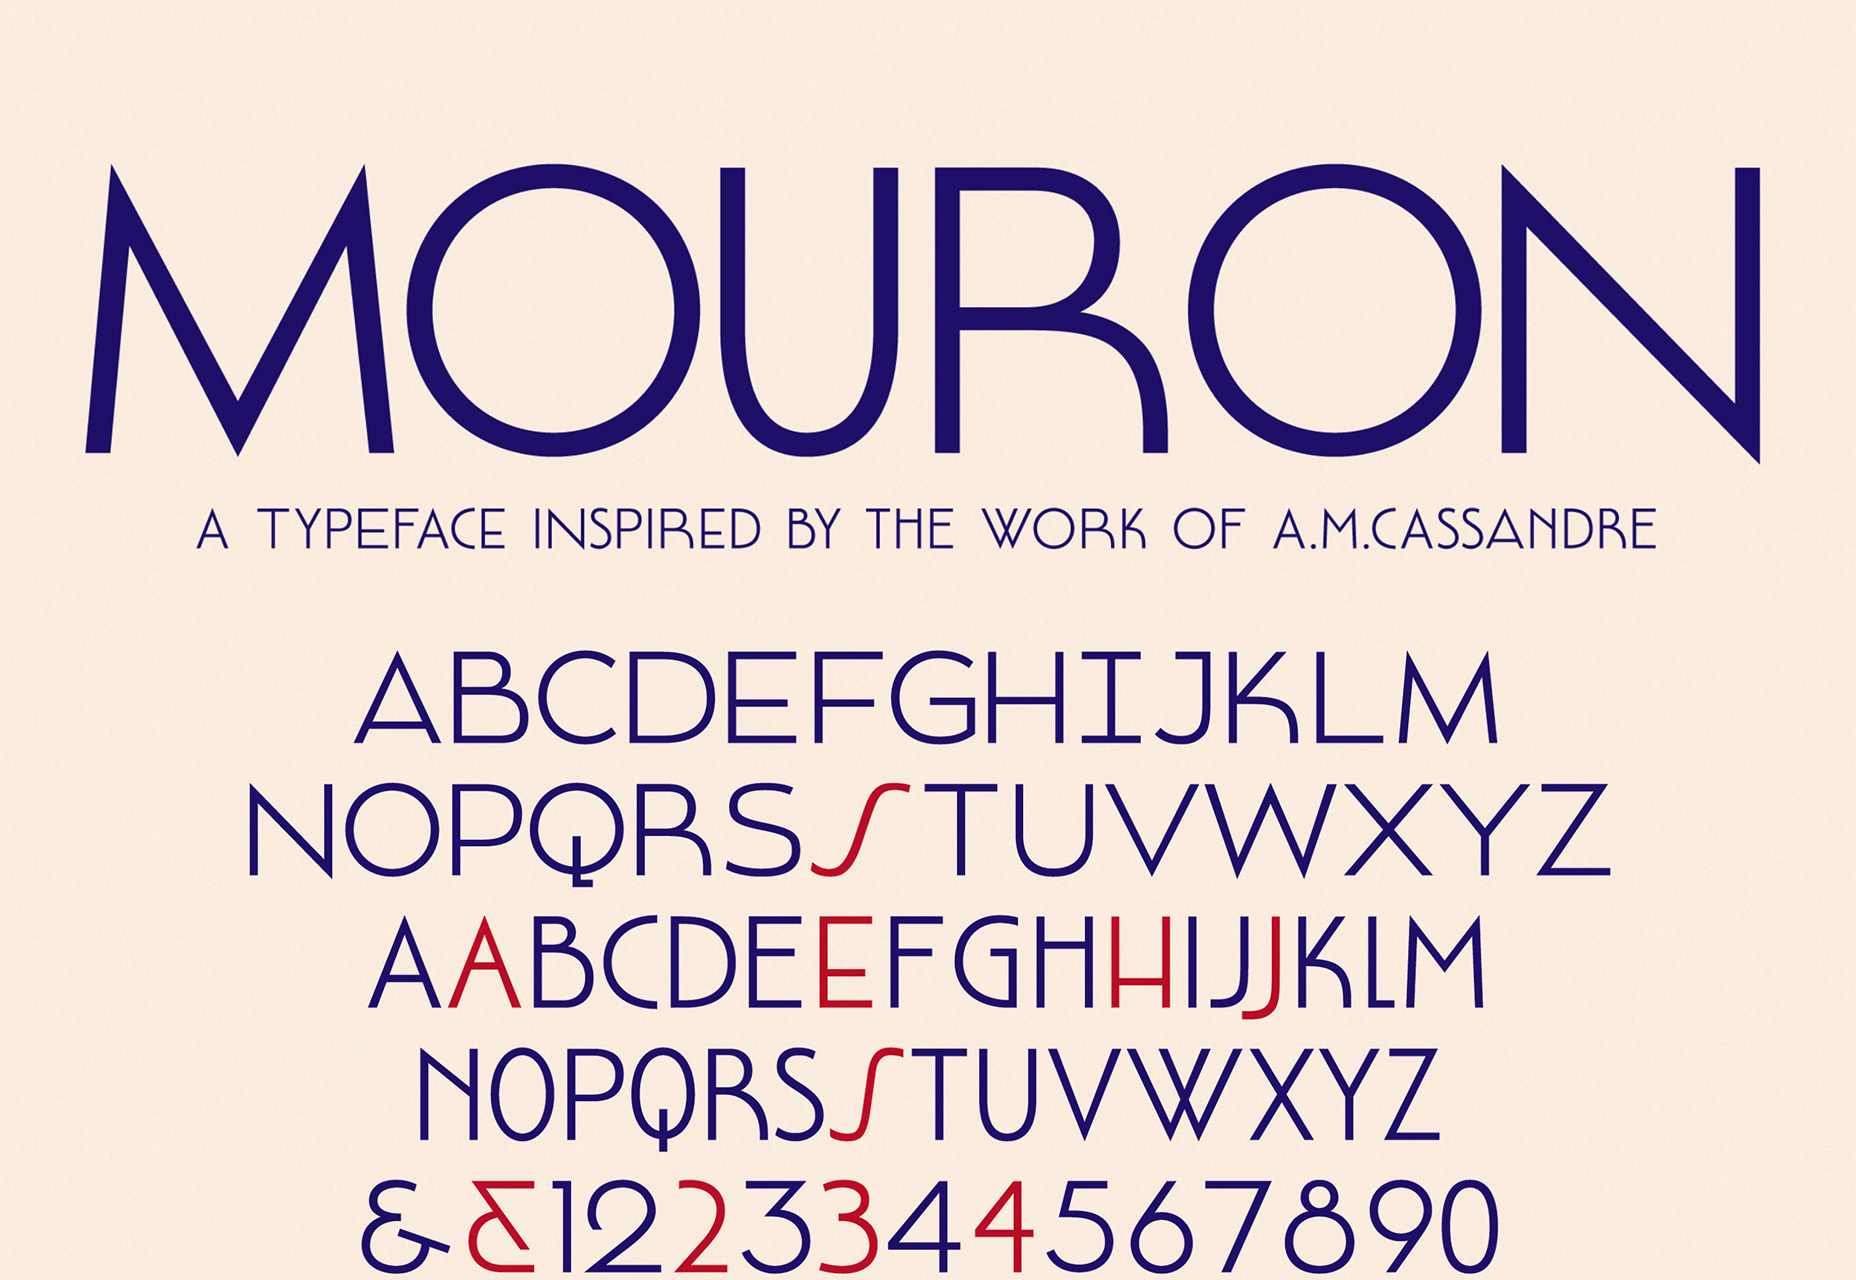 mouron